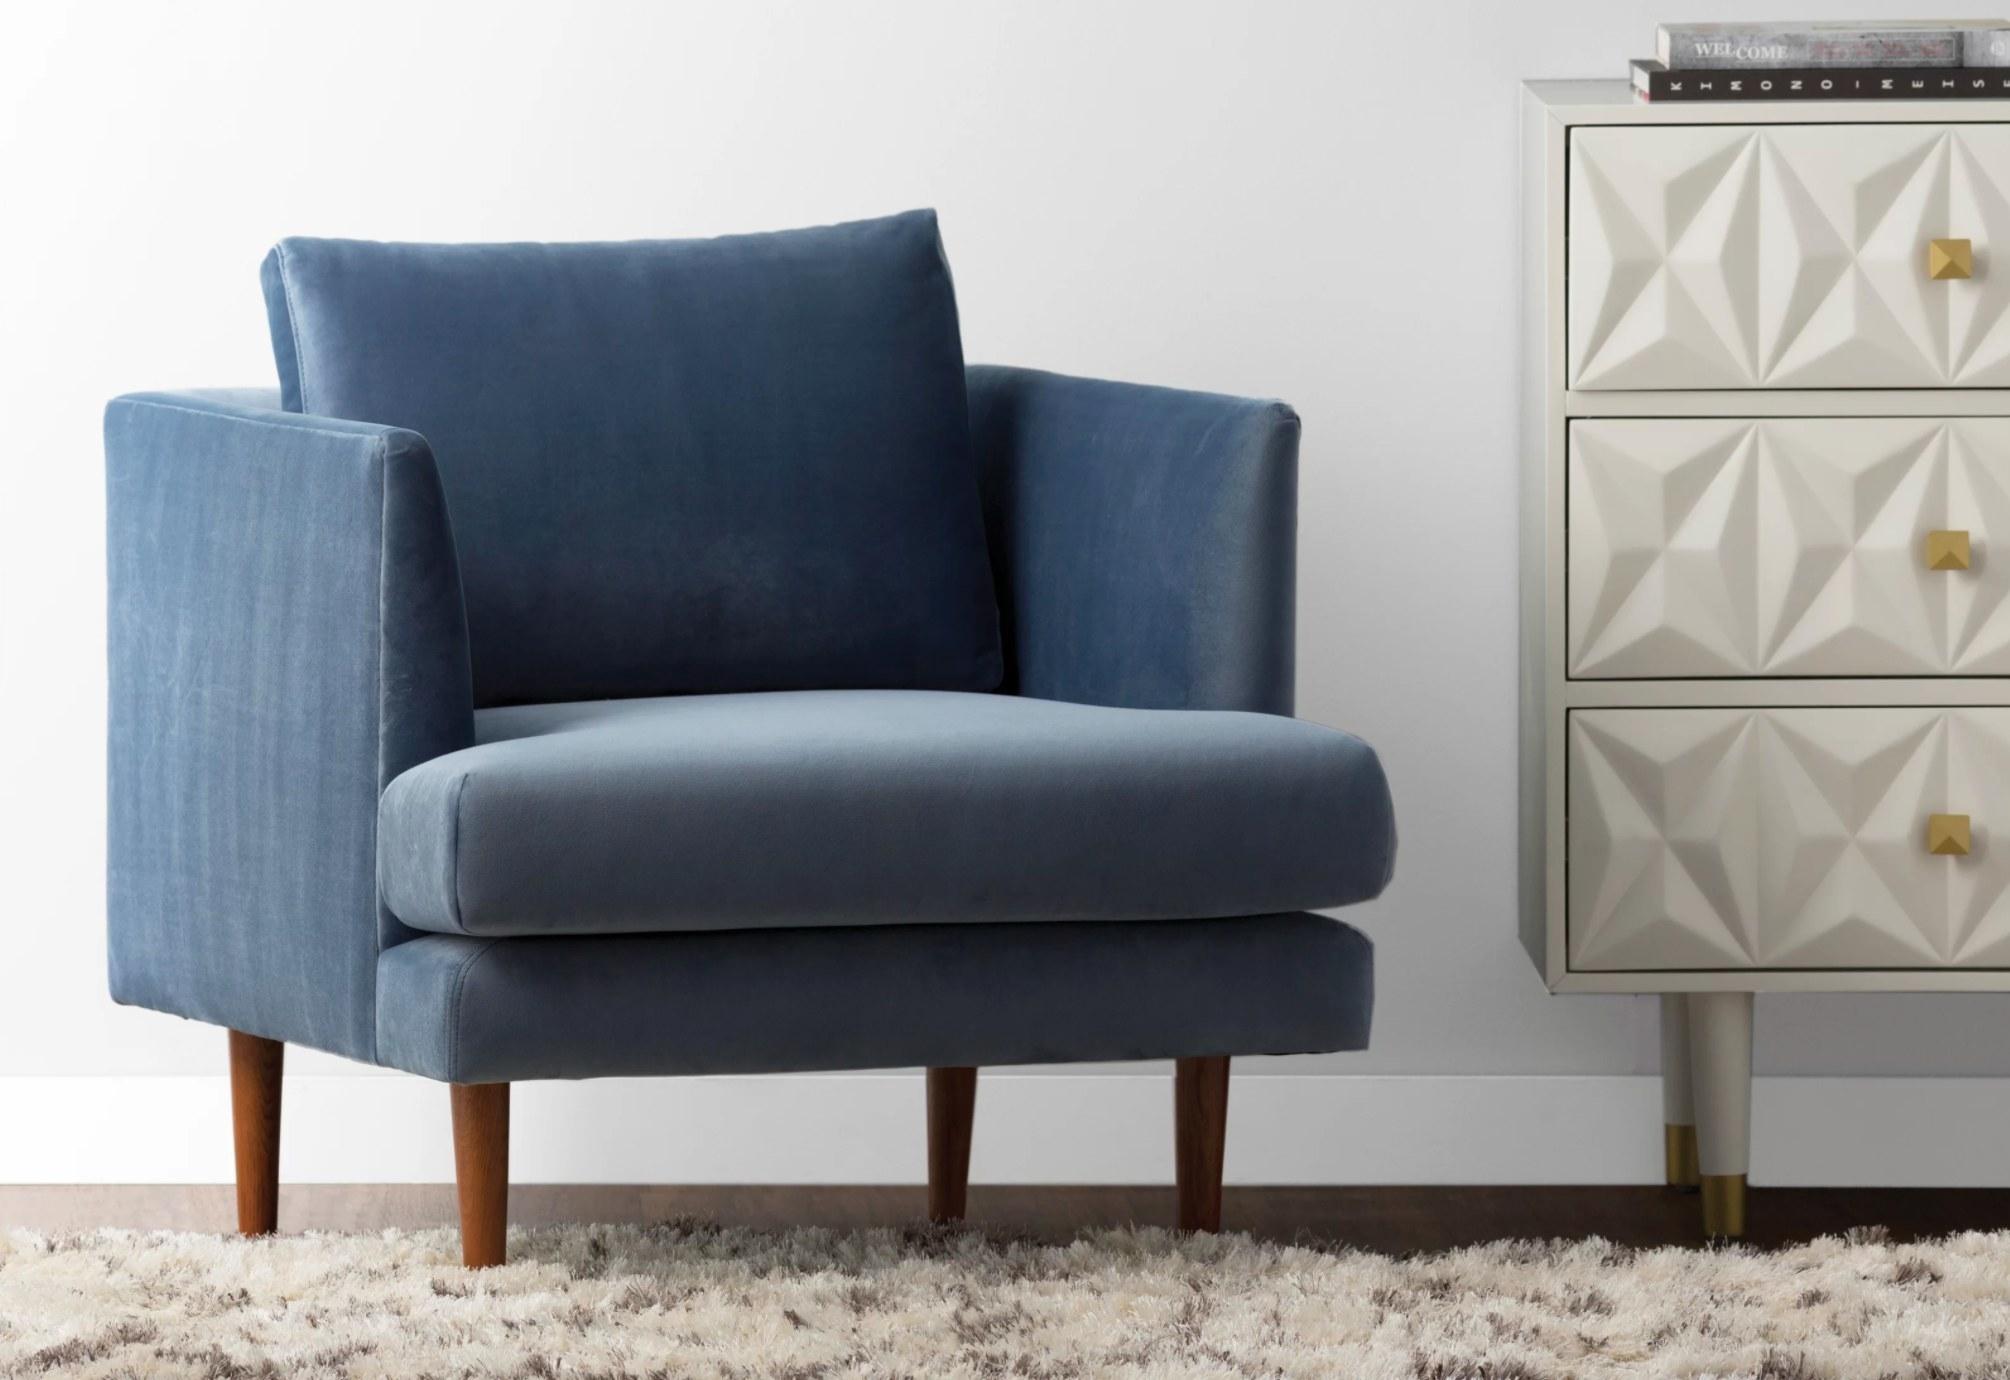 The deep velvet armchair in blue